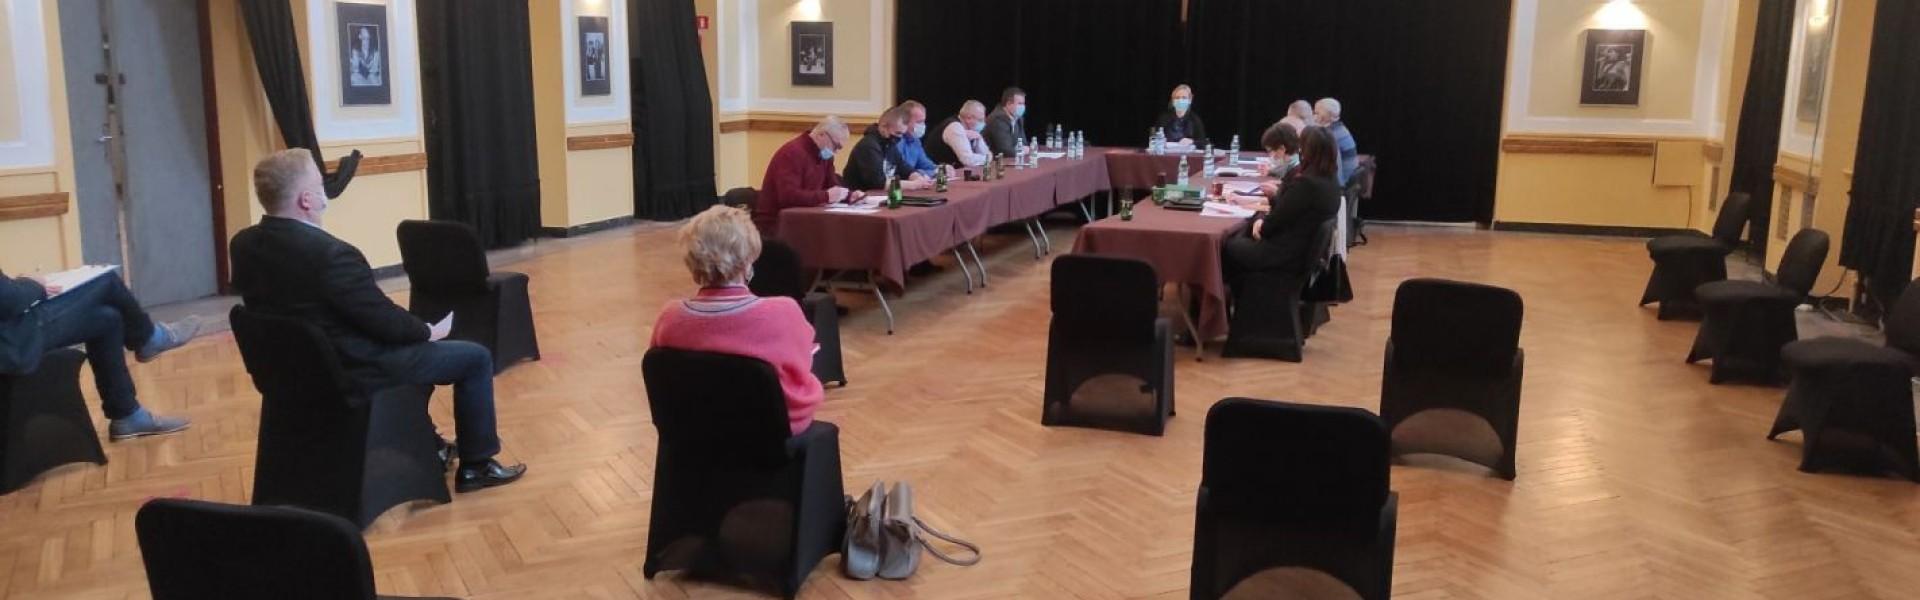 Radni przeciwko projektowi burmistrza. Komisja infrastruktury bez decyzji w sprawie budżetu na 2021 r.